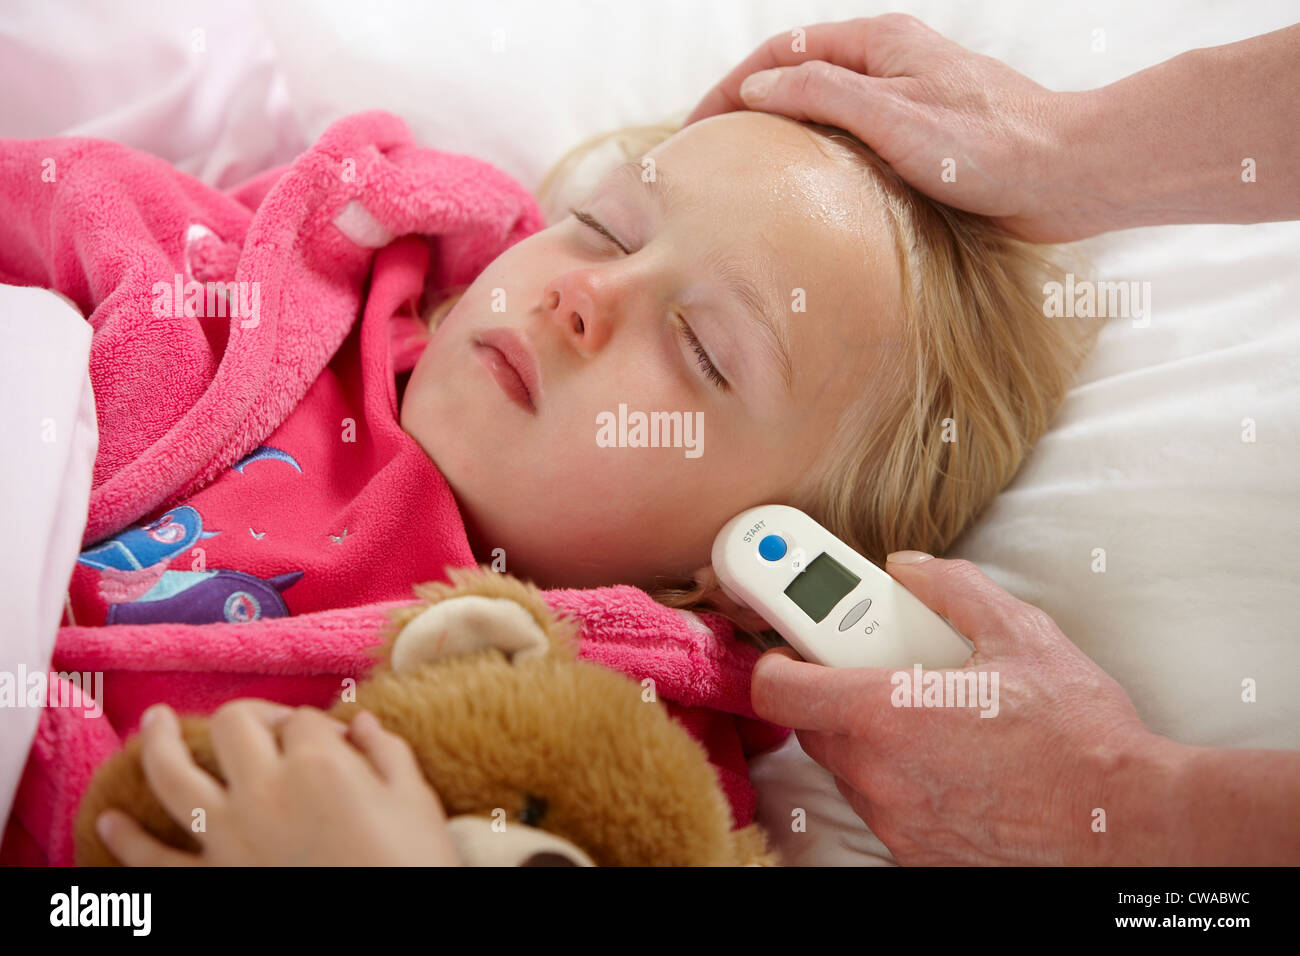 Parent taking daughter's temperature - Stock Image